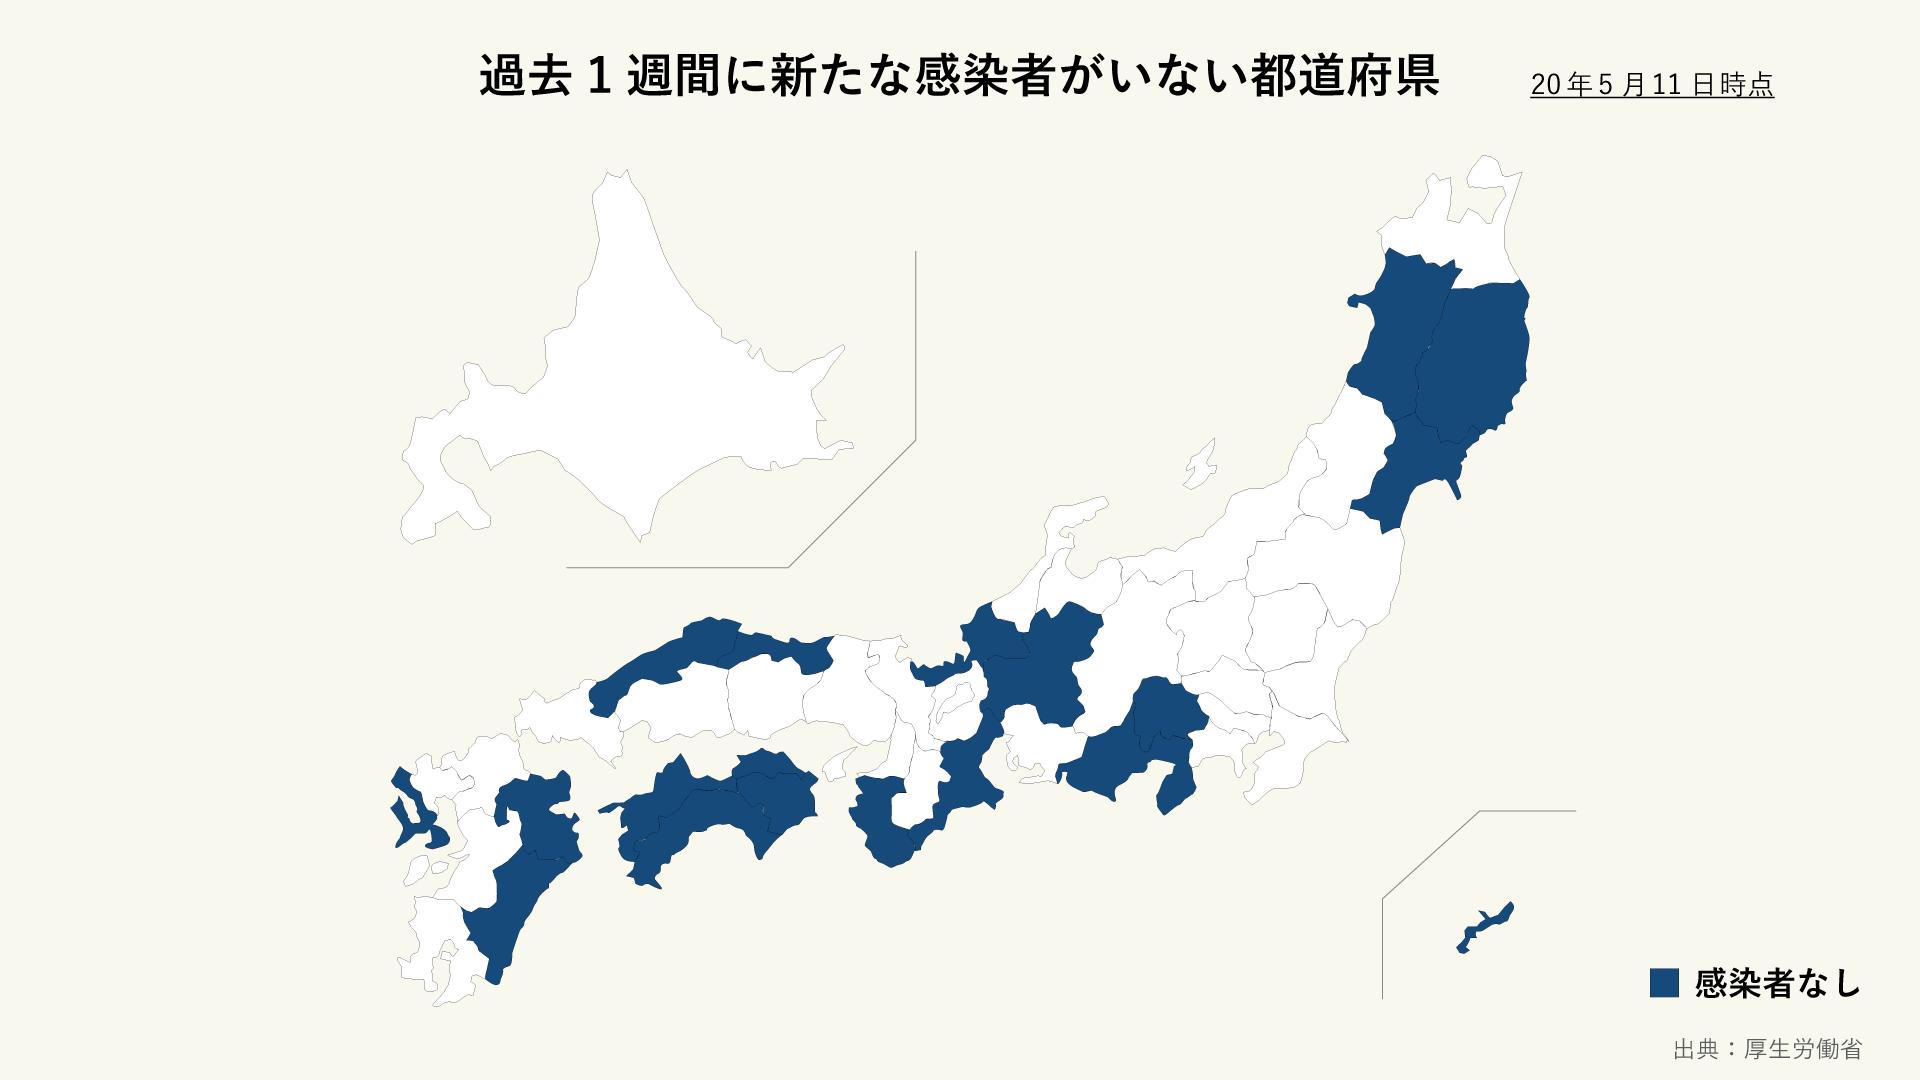 新型 コロナ ウイルス 岩手 県 岩手県 新型コロナウイルス感染症対策サイト